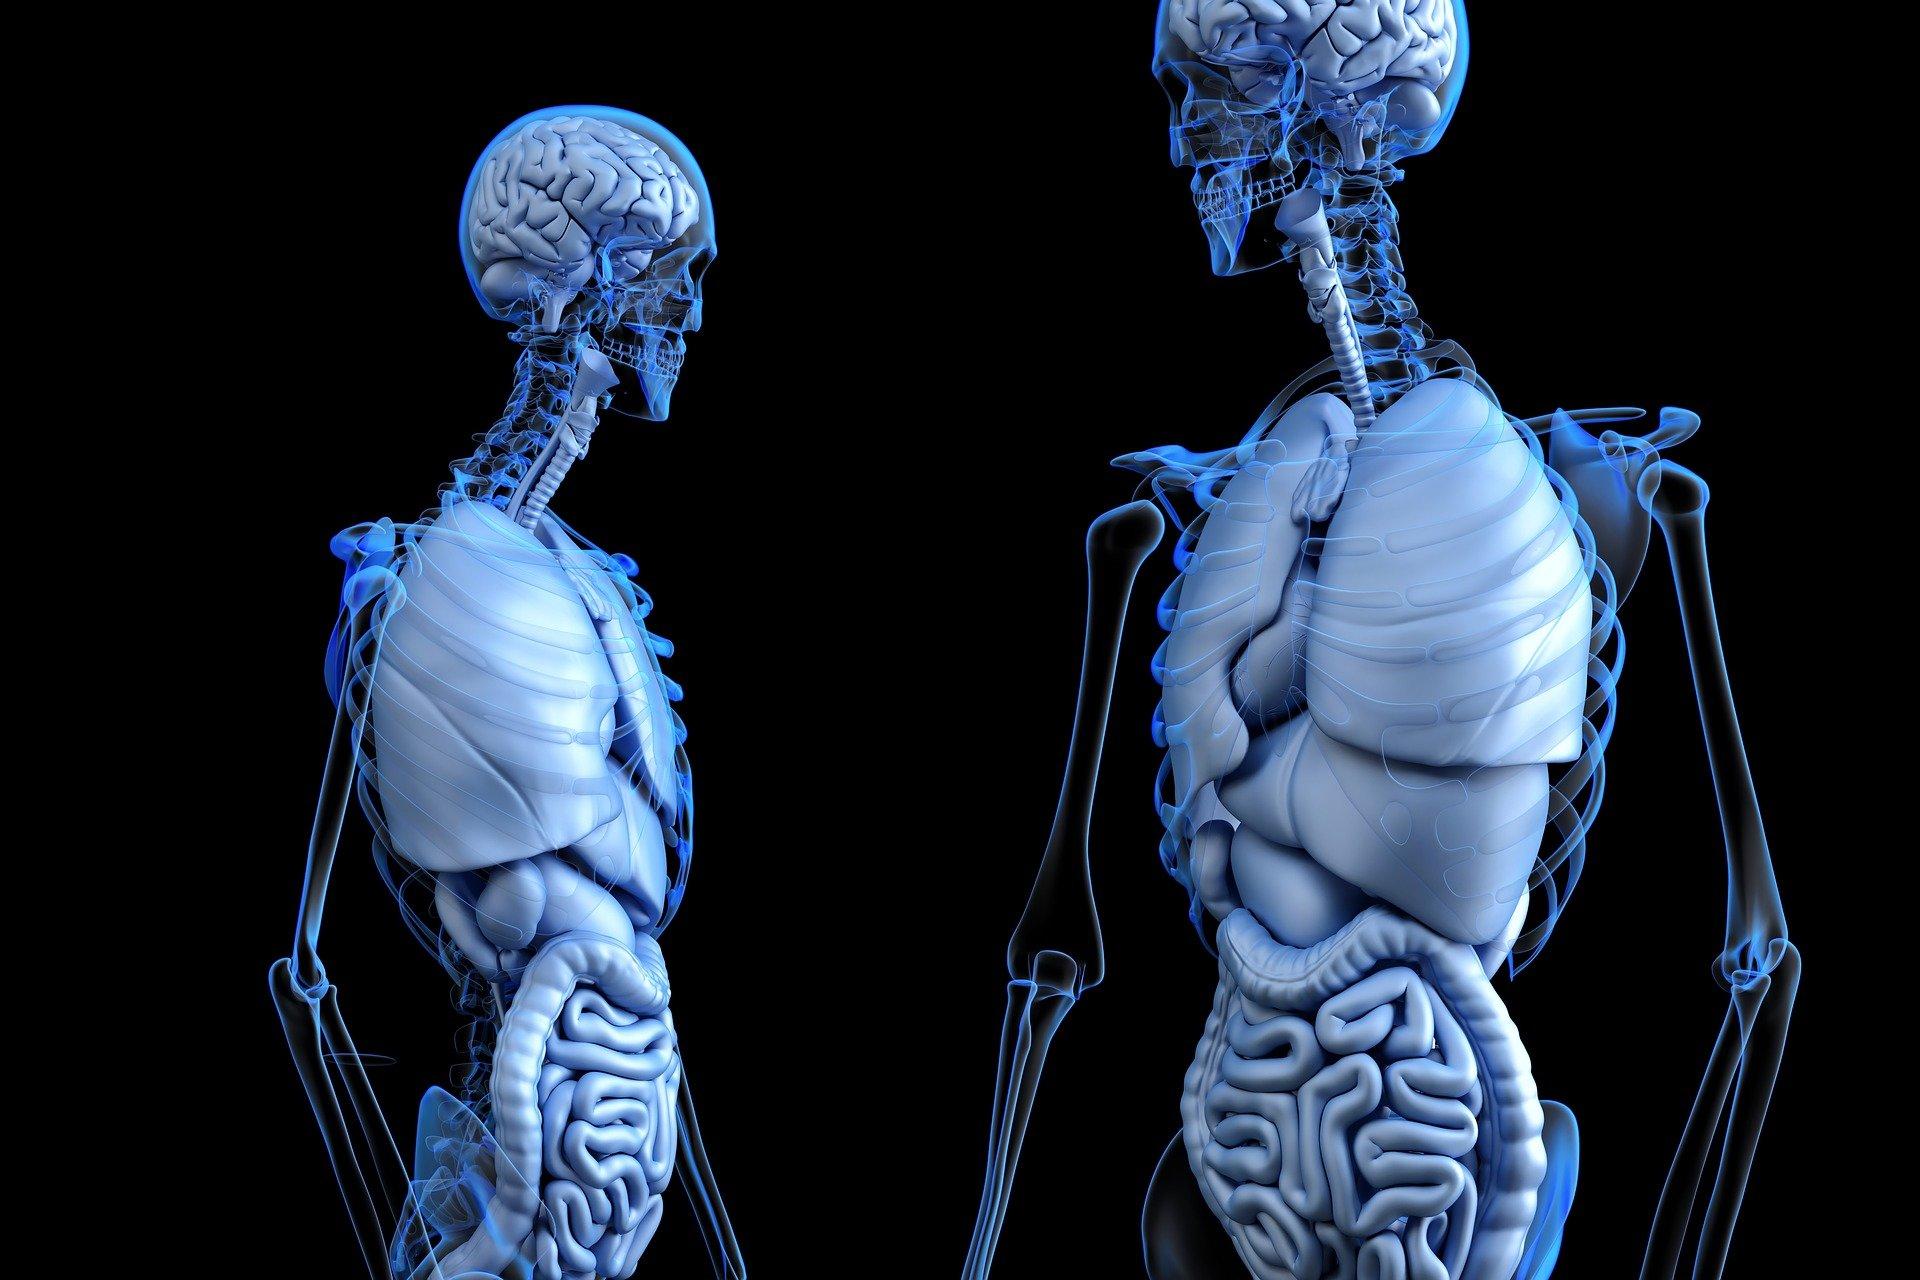 Rolul pe care evoluția oamenilor l-a avut în dezvoltarea funcțiilor organelor